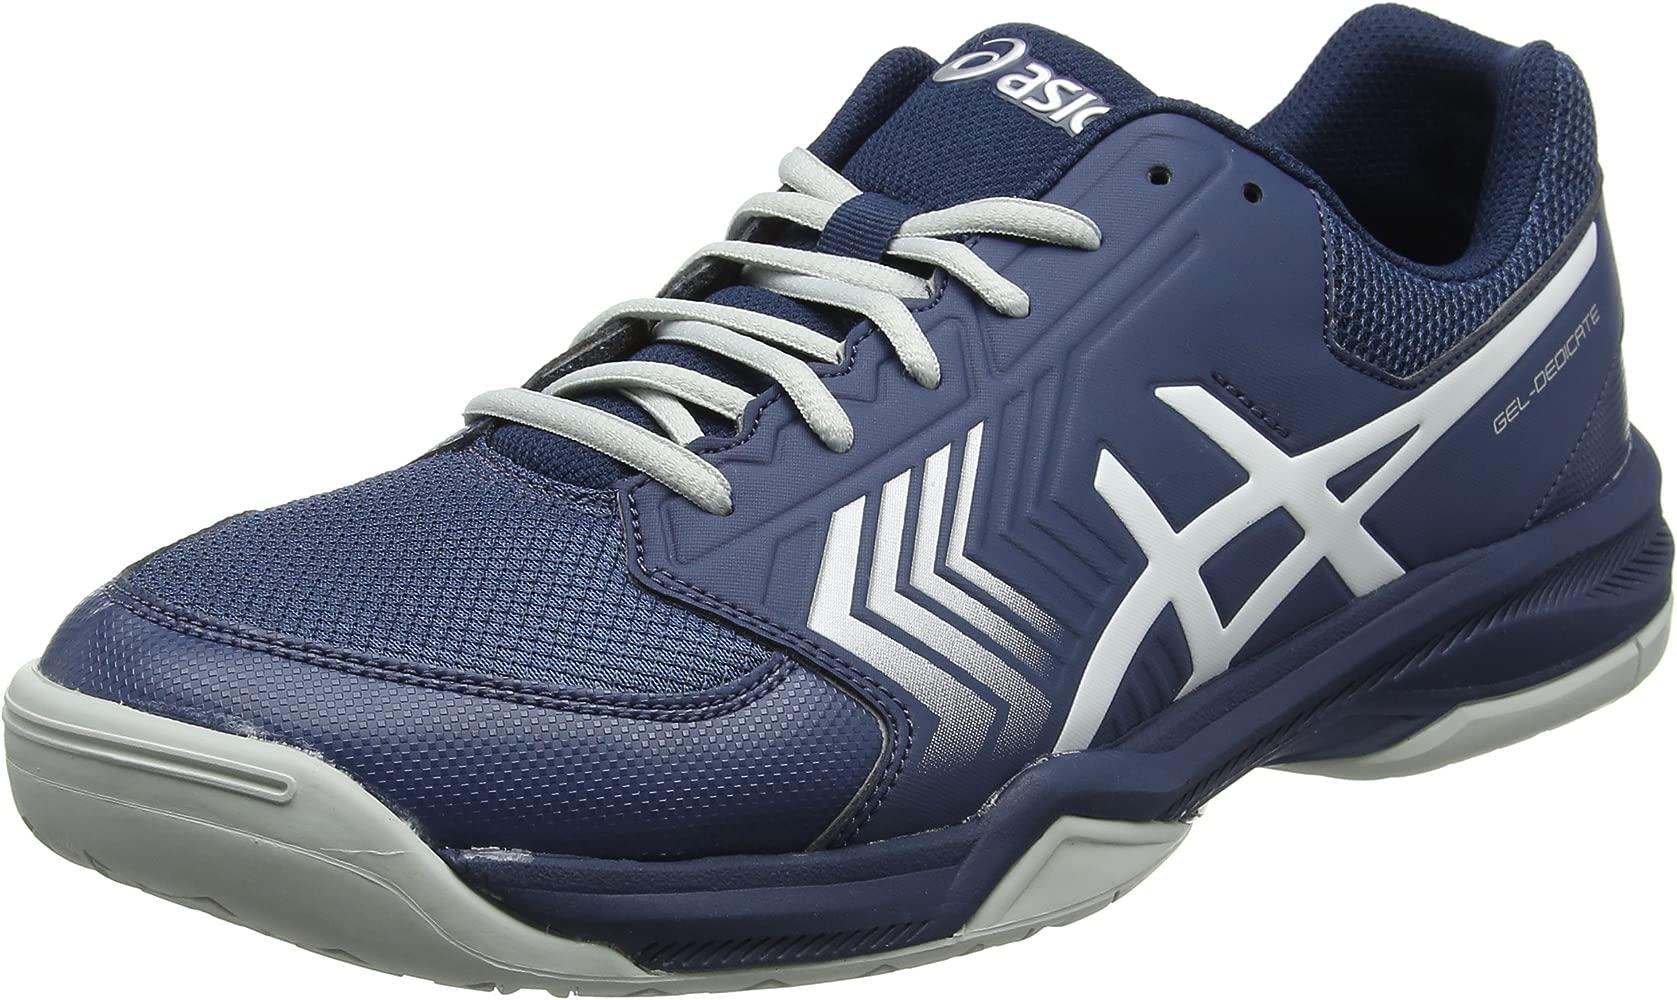 Asics Gel Dedicate 5, Zapatillas De Tenis para Hombre